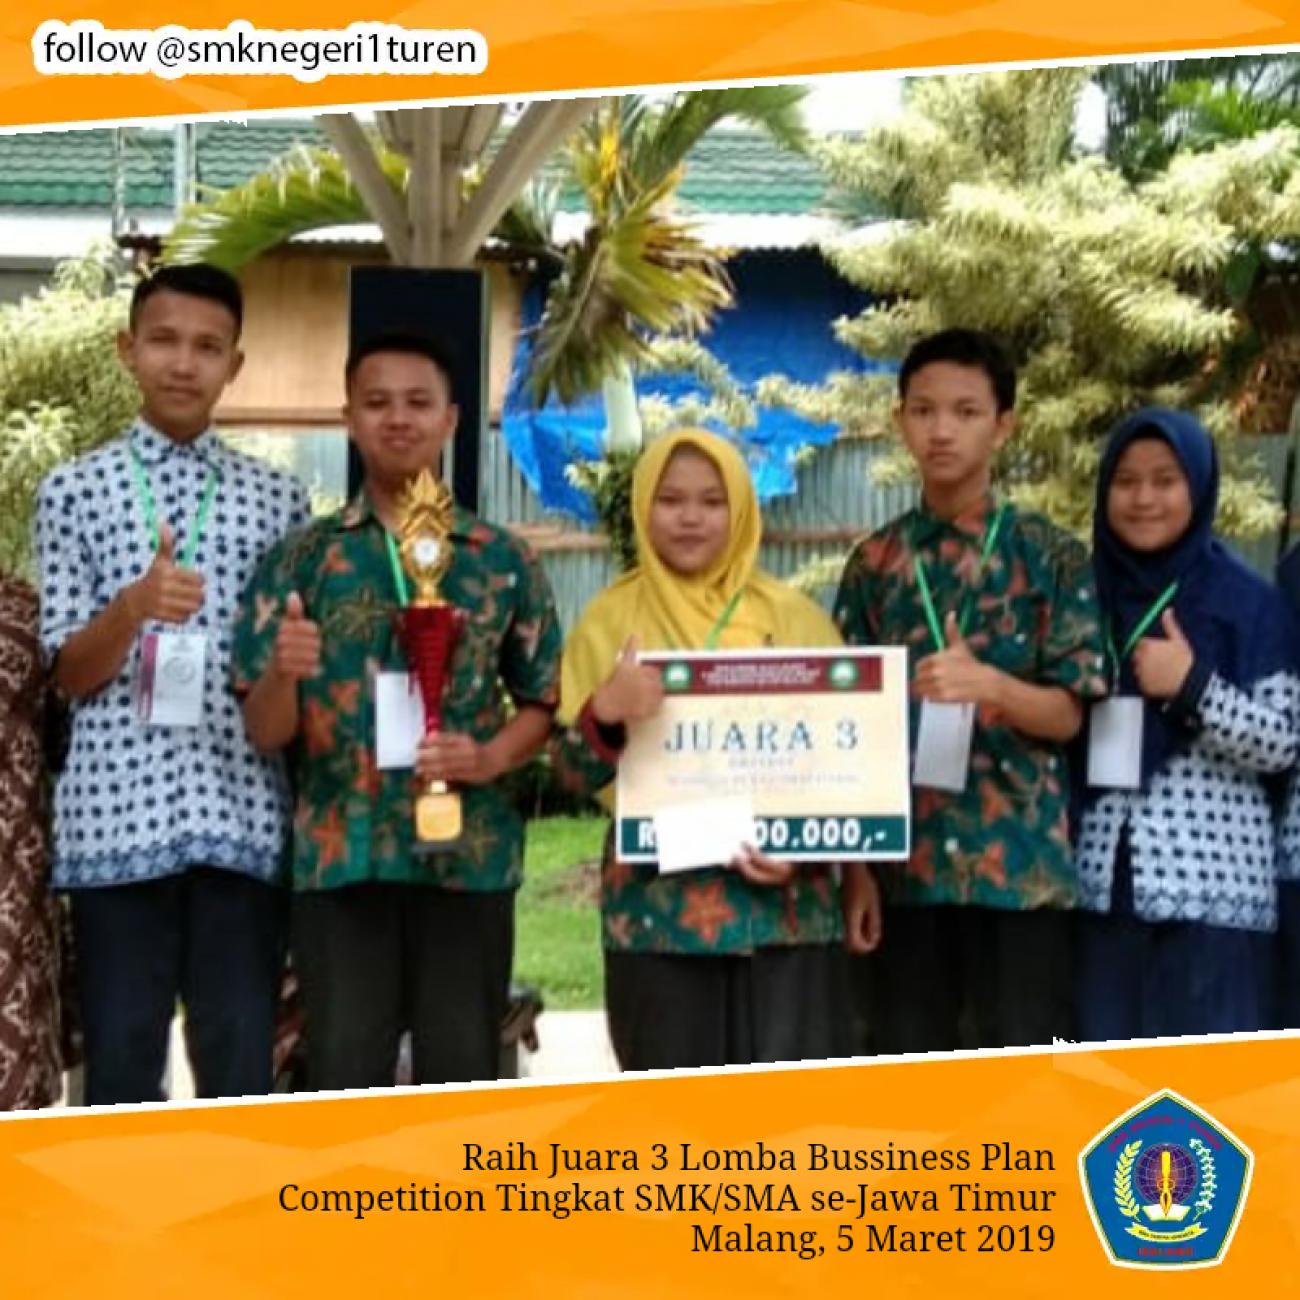 Raih Juara 3 Lomba Bussiness Plan Competition Tingkat SMK/SMA se-Jawa Timur